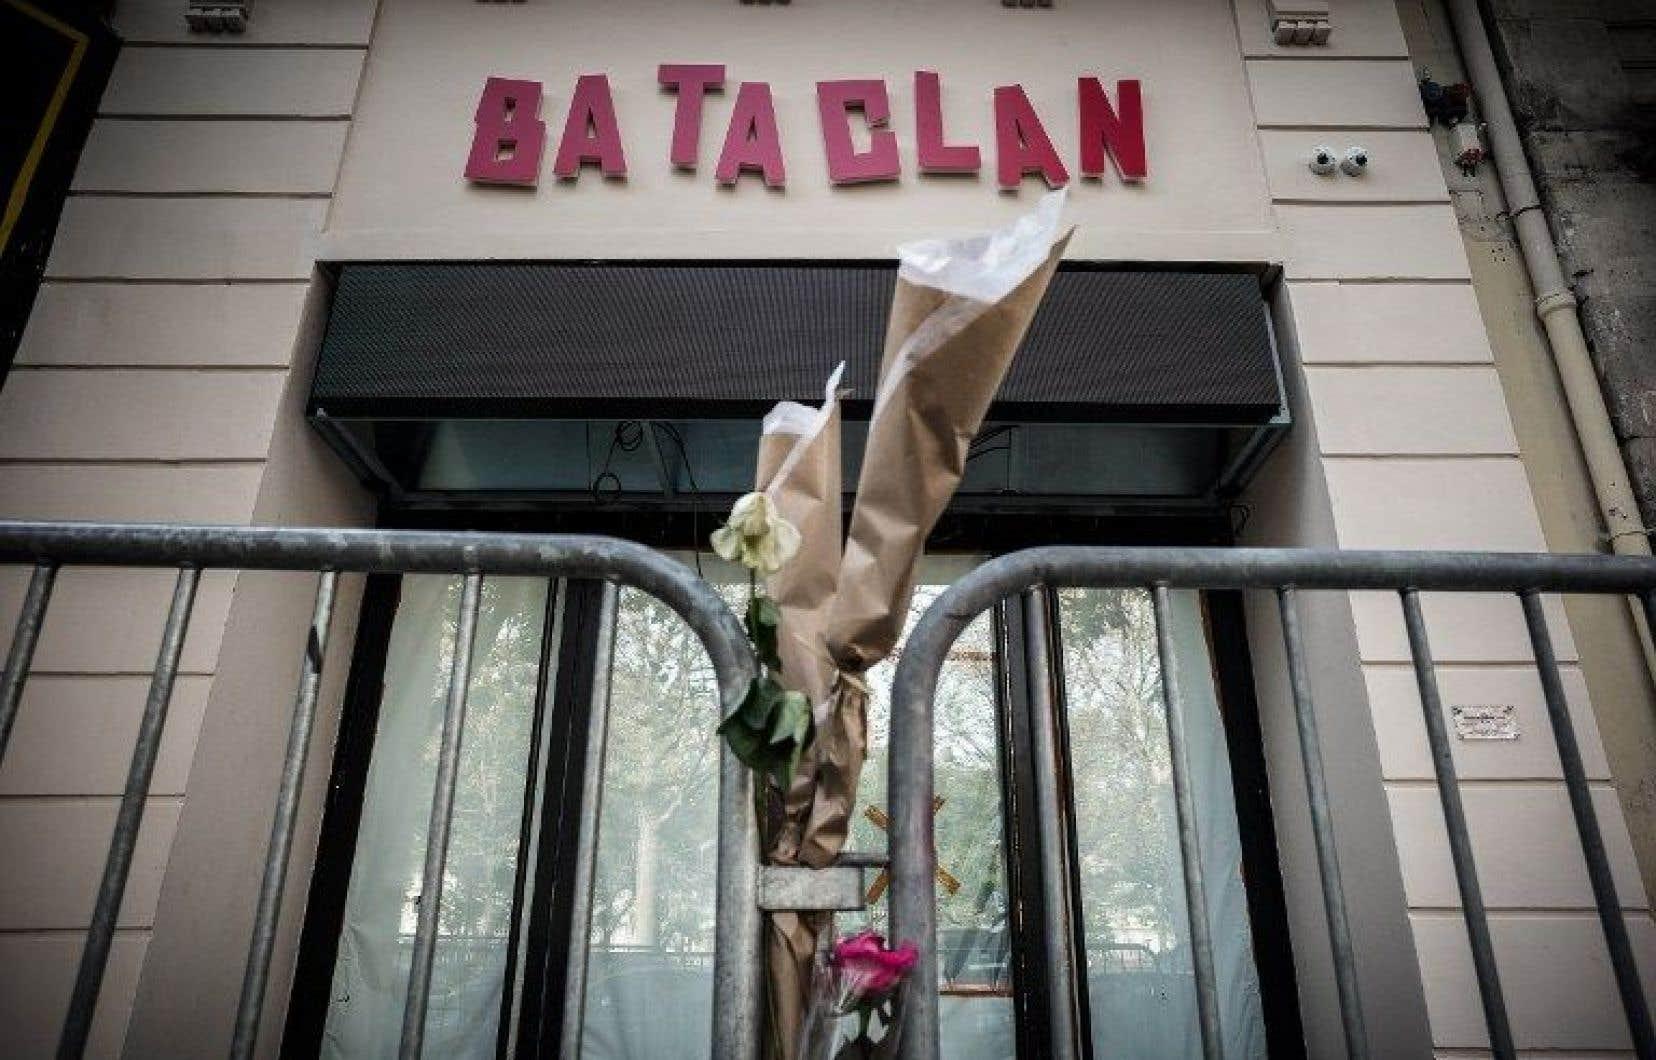 Le Bataclan, emblématique d'une jeunesse festive, a été longtemps après l'attentat un lieu de recueillement pour des foules d'anonymes.